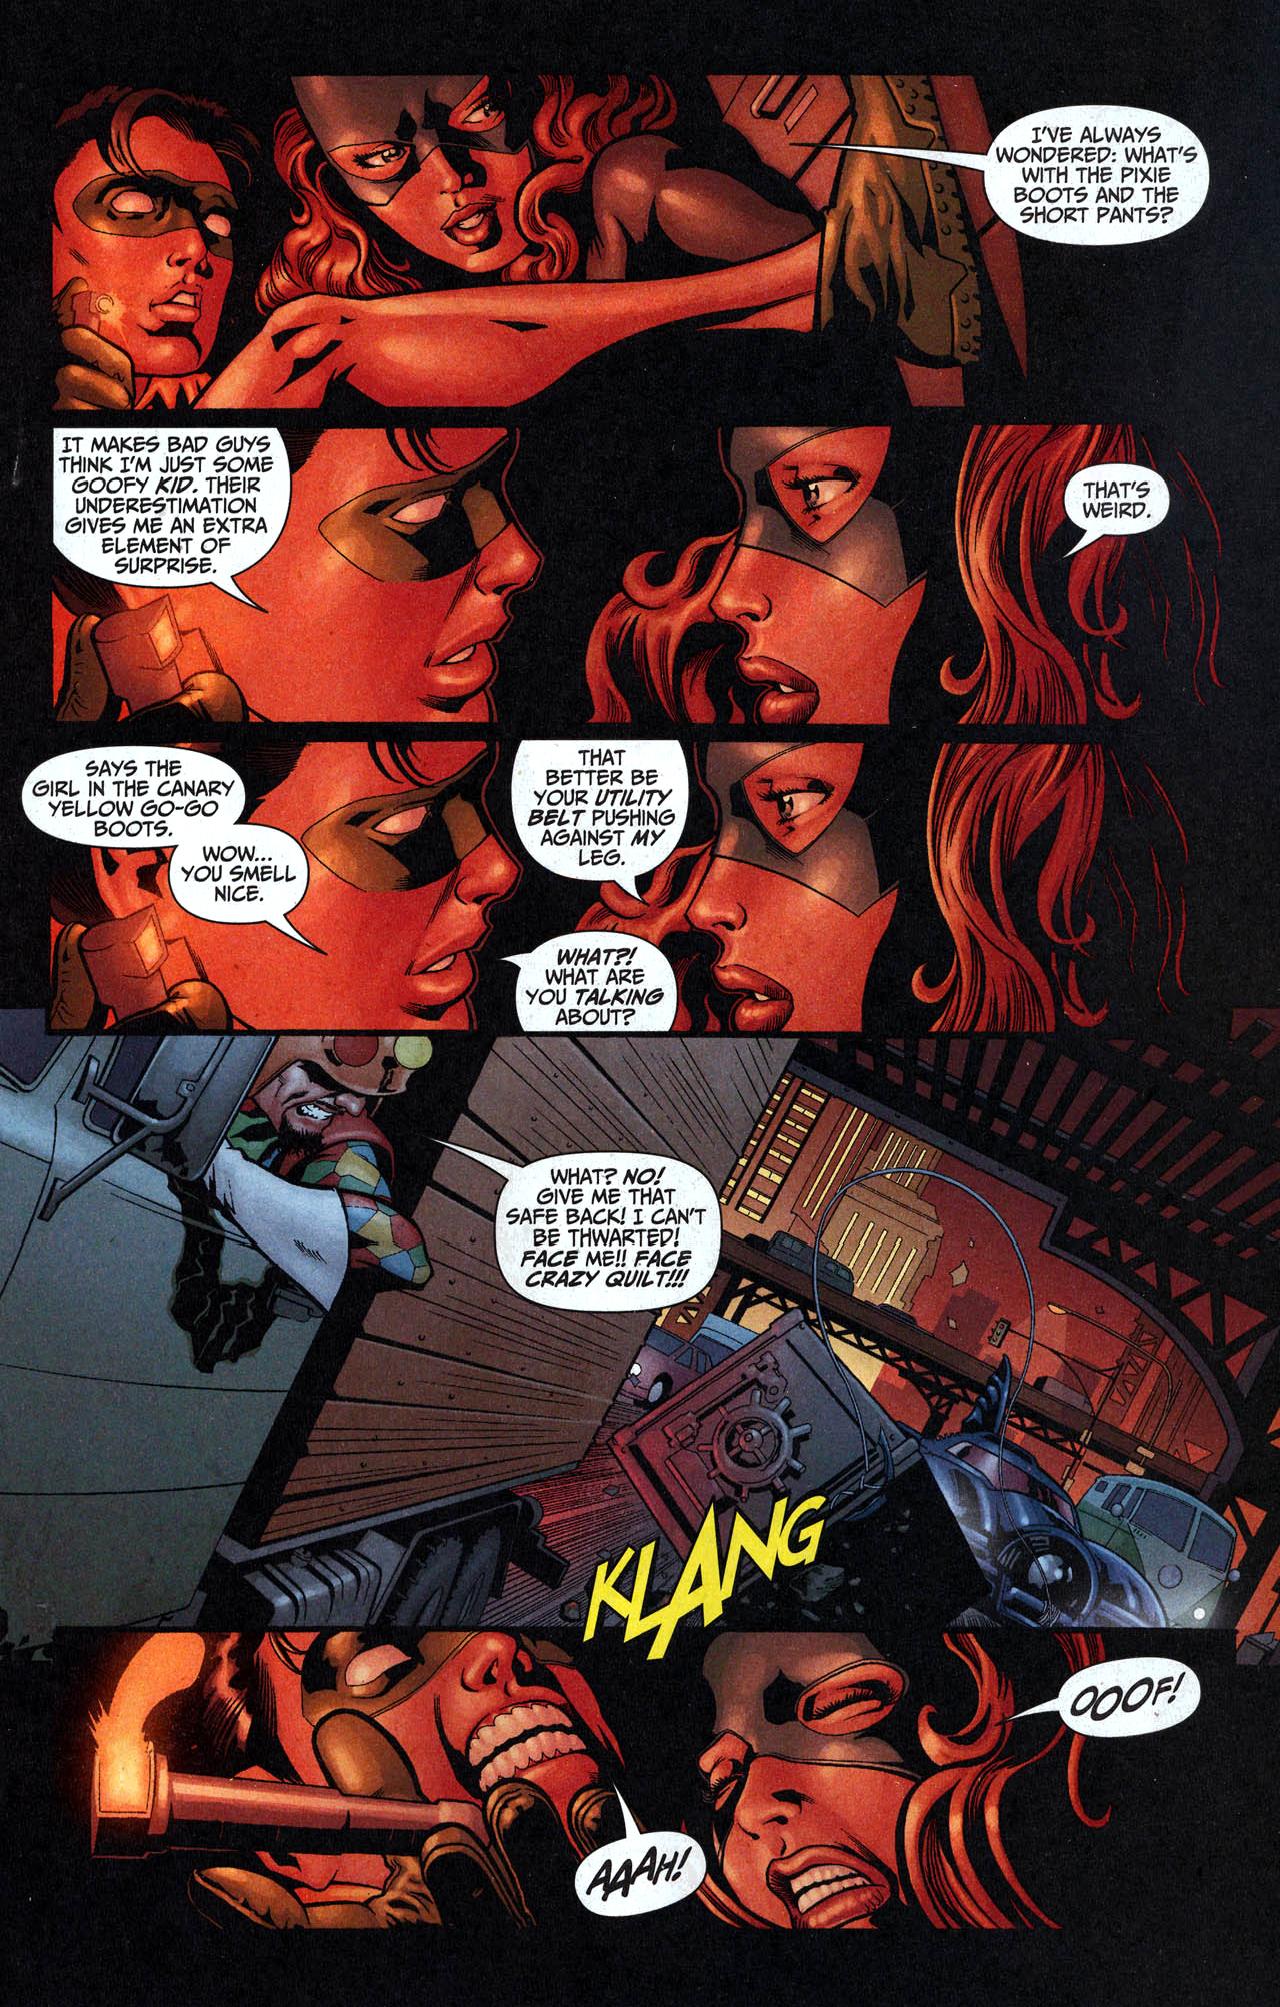 robin and batgirl vs crazy quilt 3